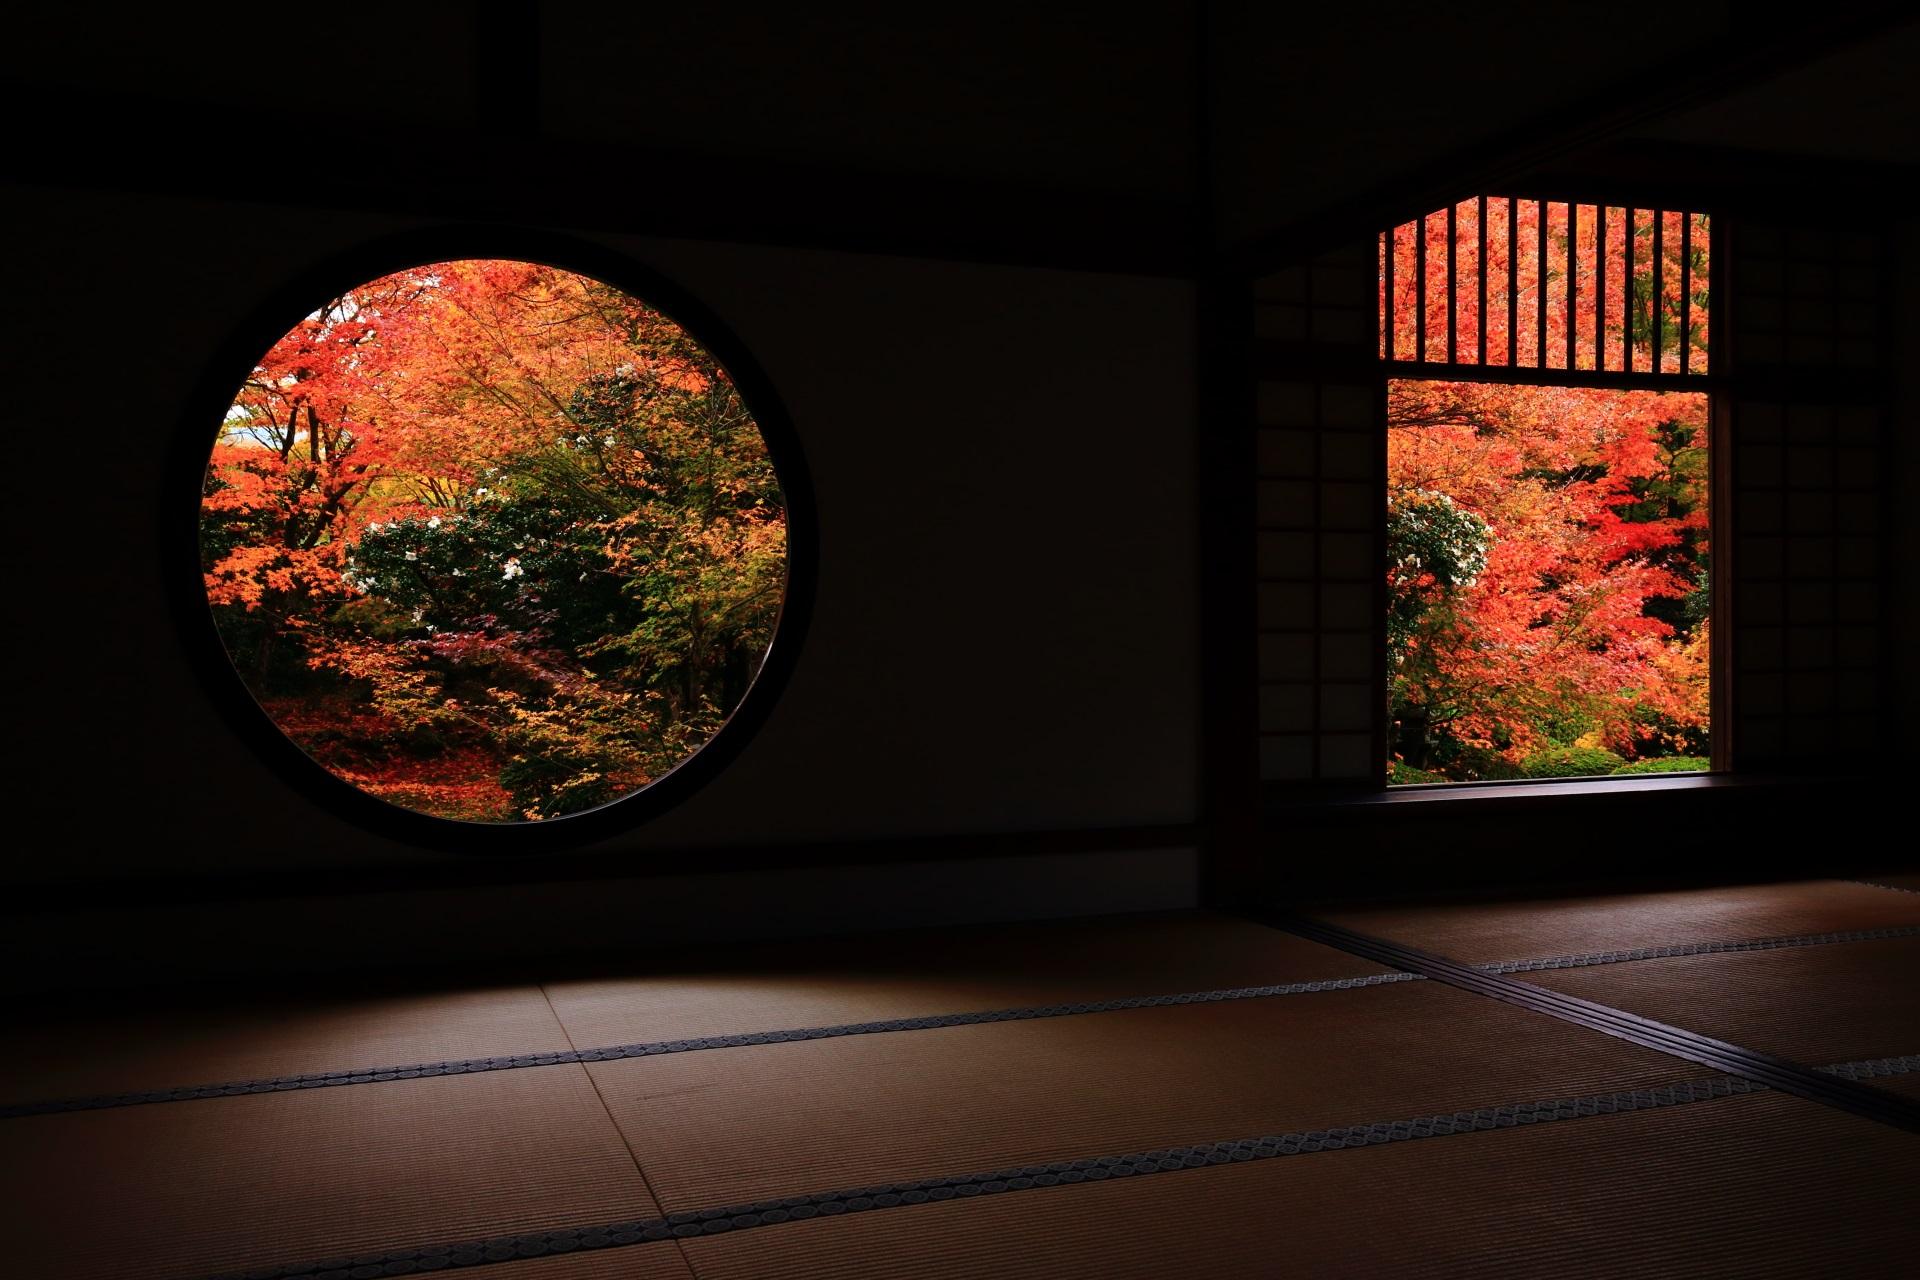 源光庵 紅葉 秋色にそまる悟りの窓と迷いの窓